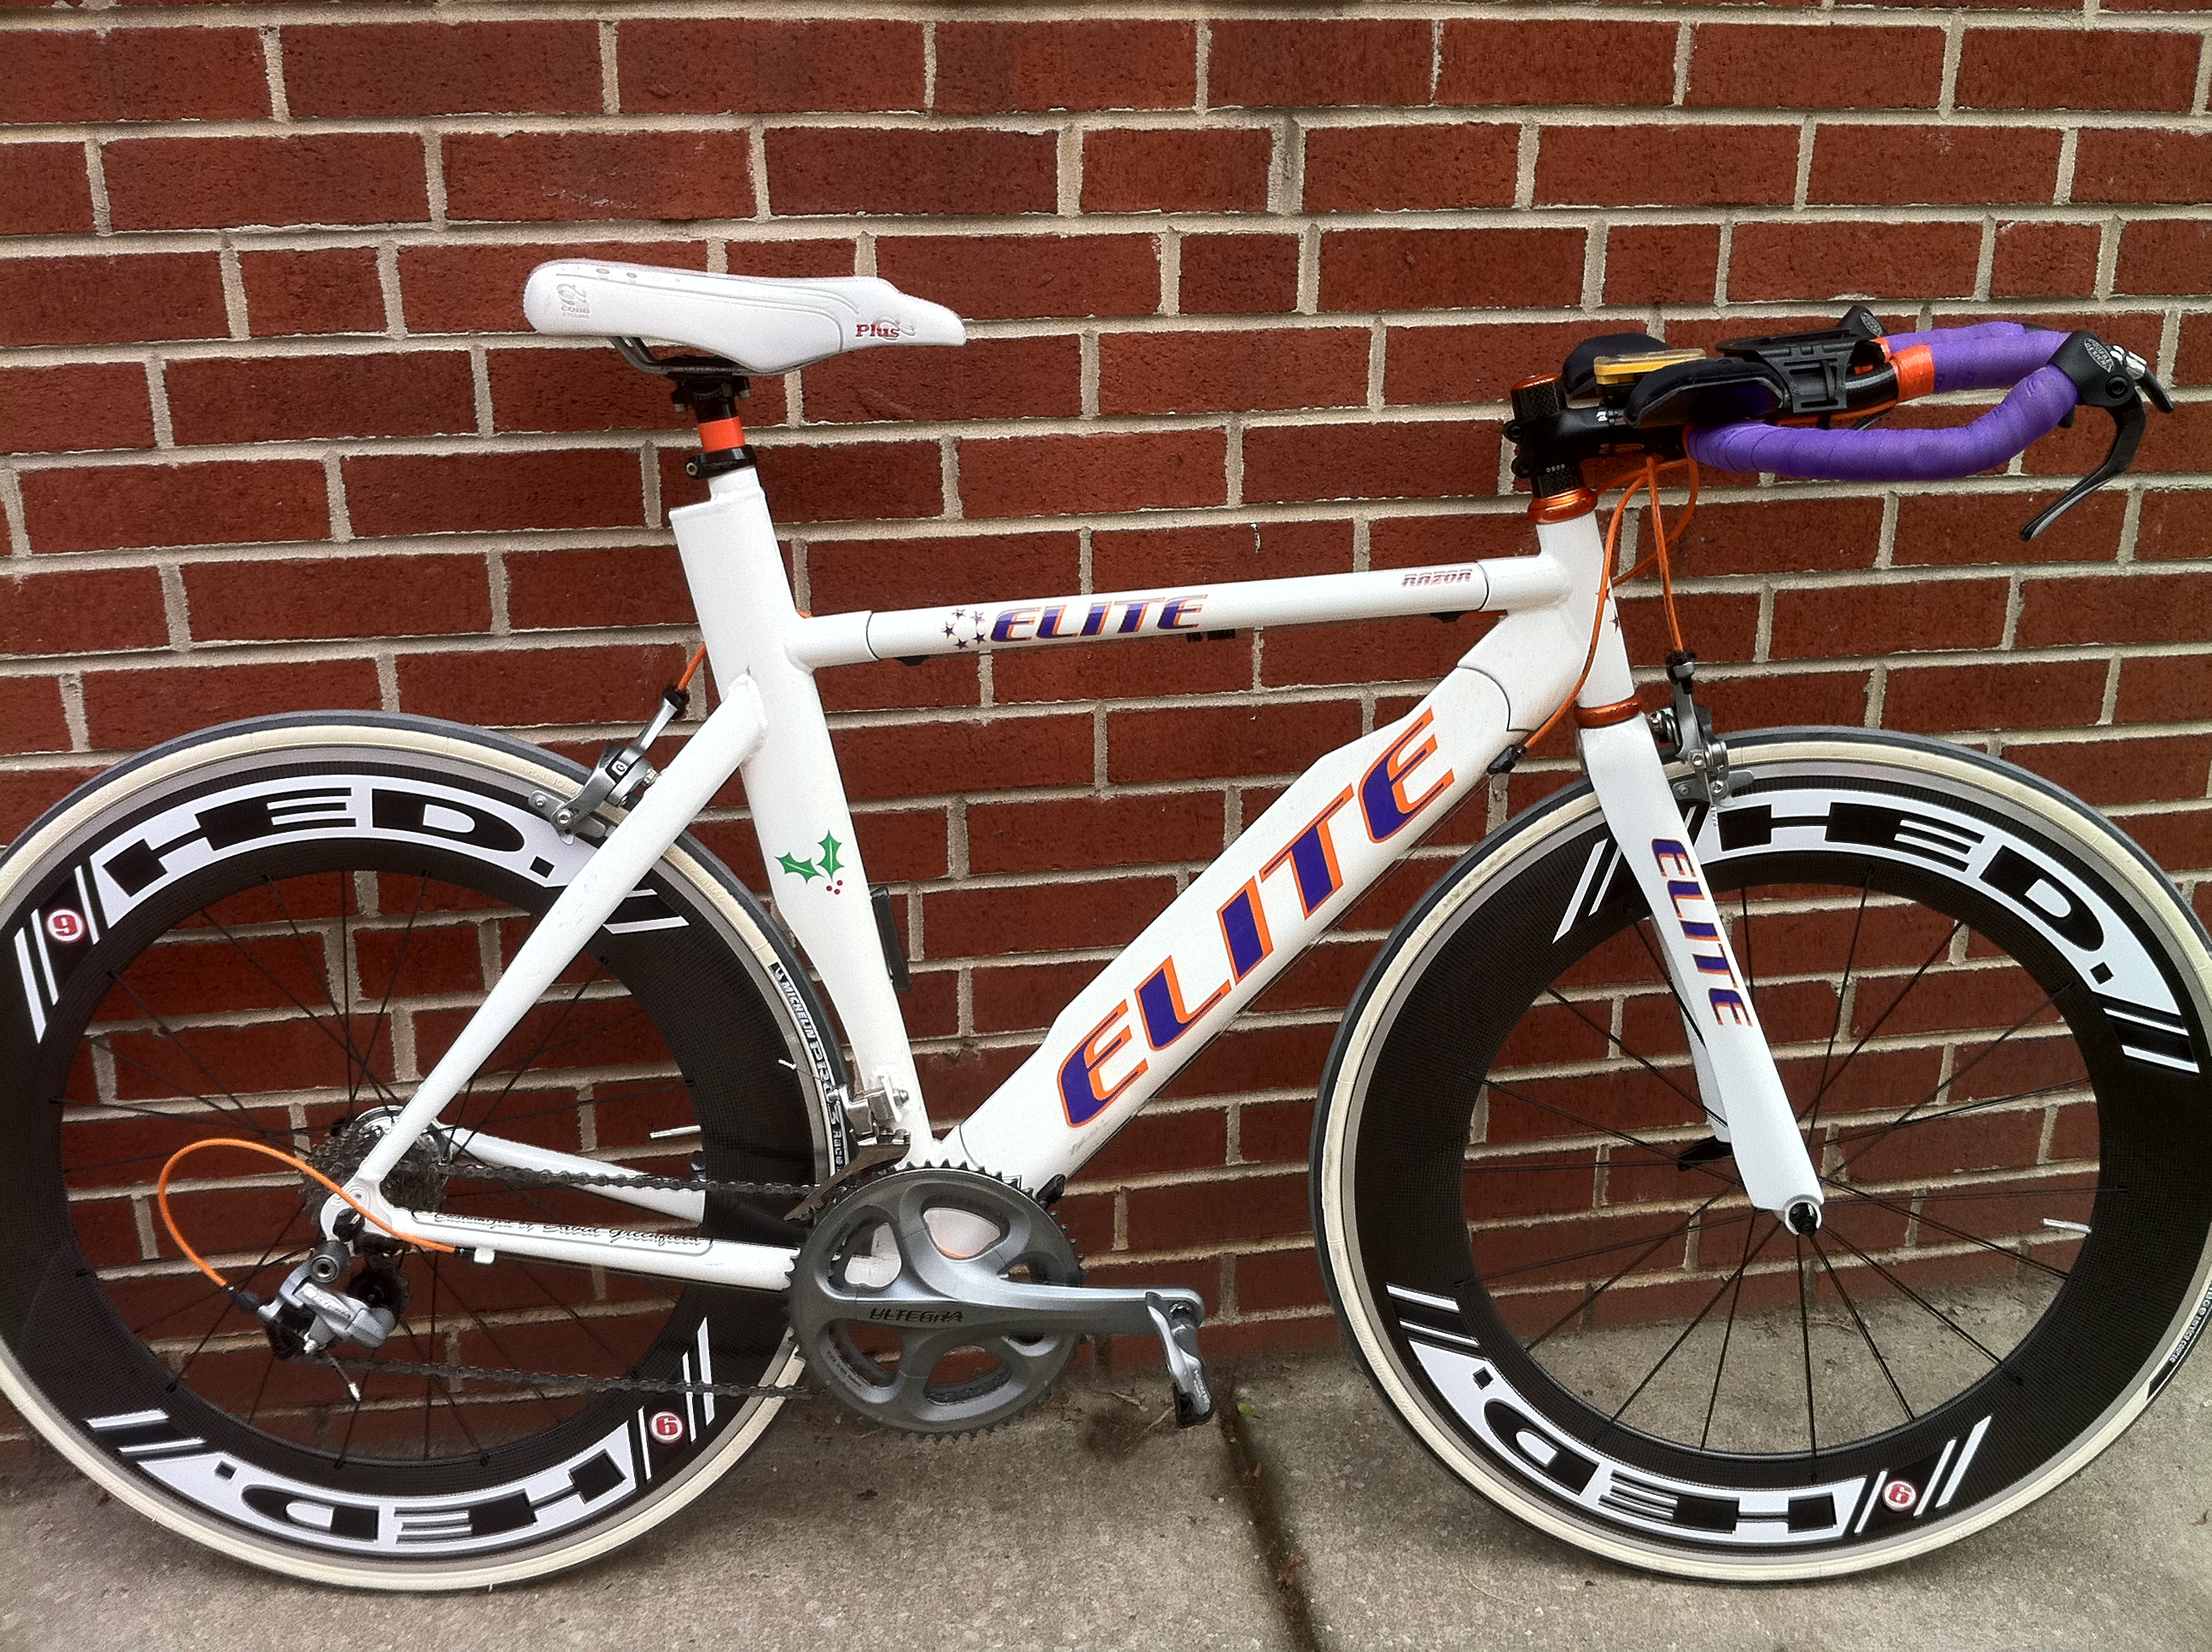 Geldhauser wins steelman triathlon elite bicycles news for Custom bicycle painting